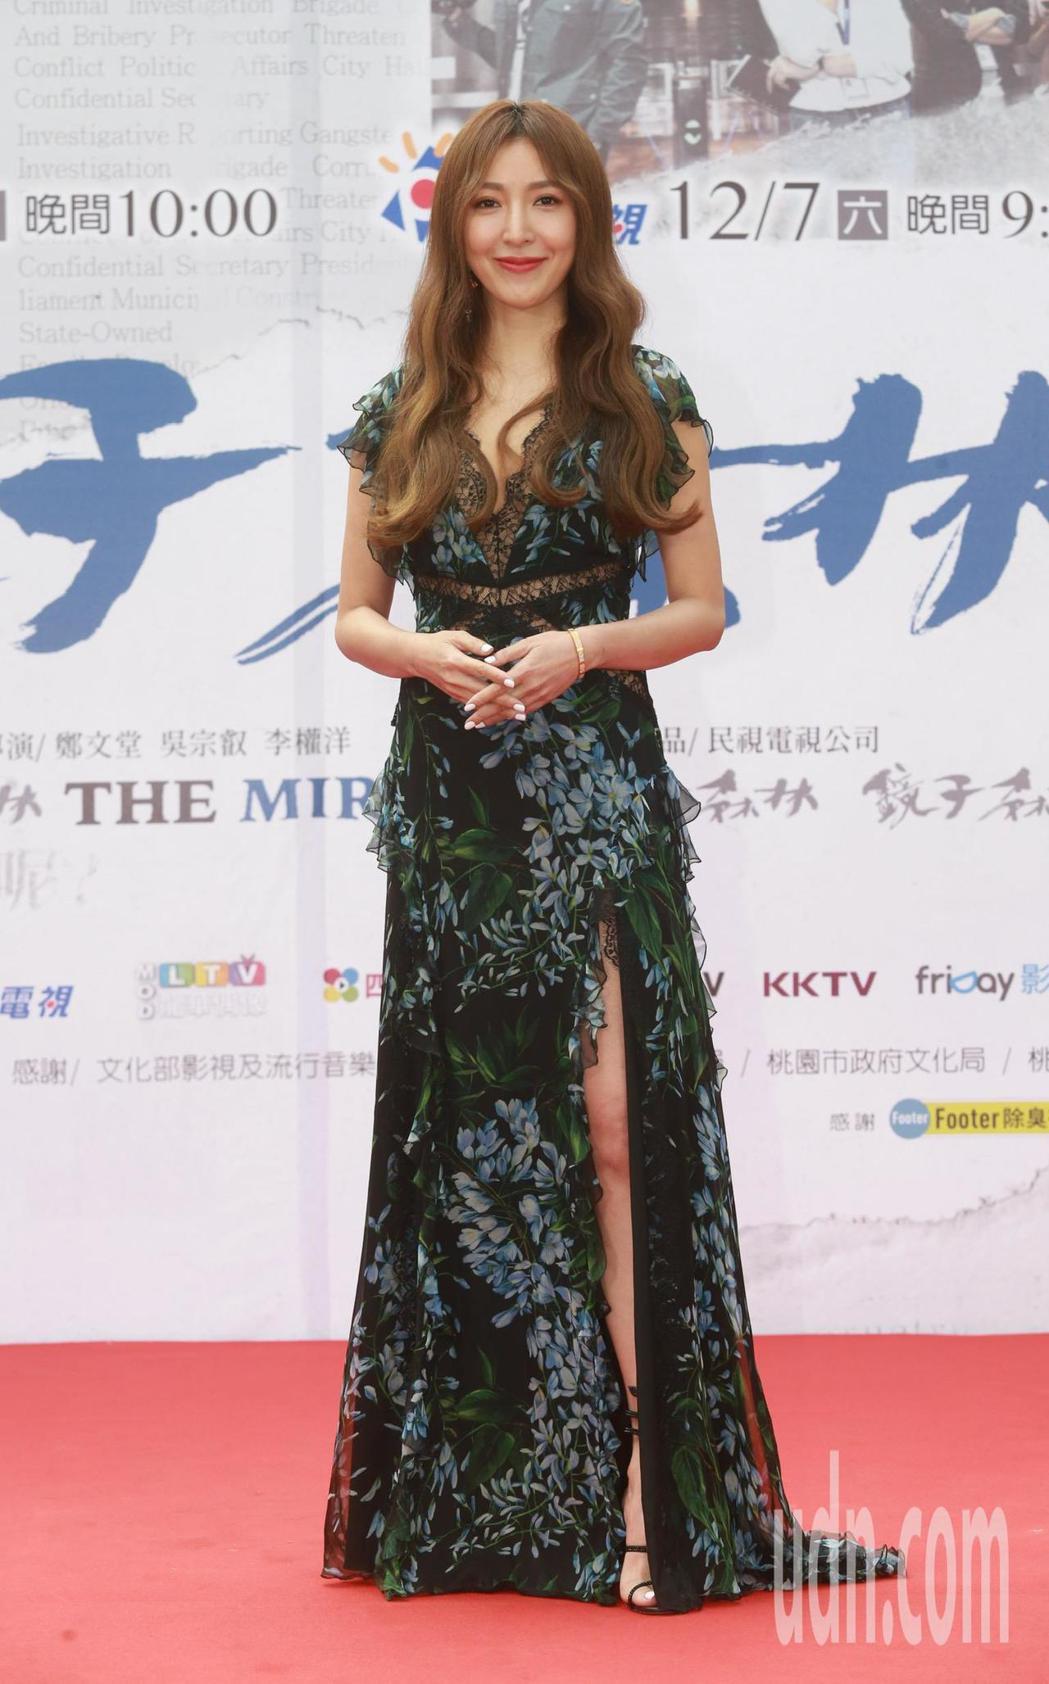 民視「鏡子森林」首映會,演員楊謹華出席首映。記者黃義書/攝影